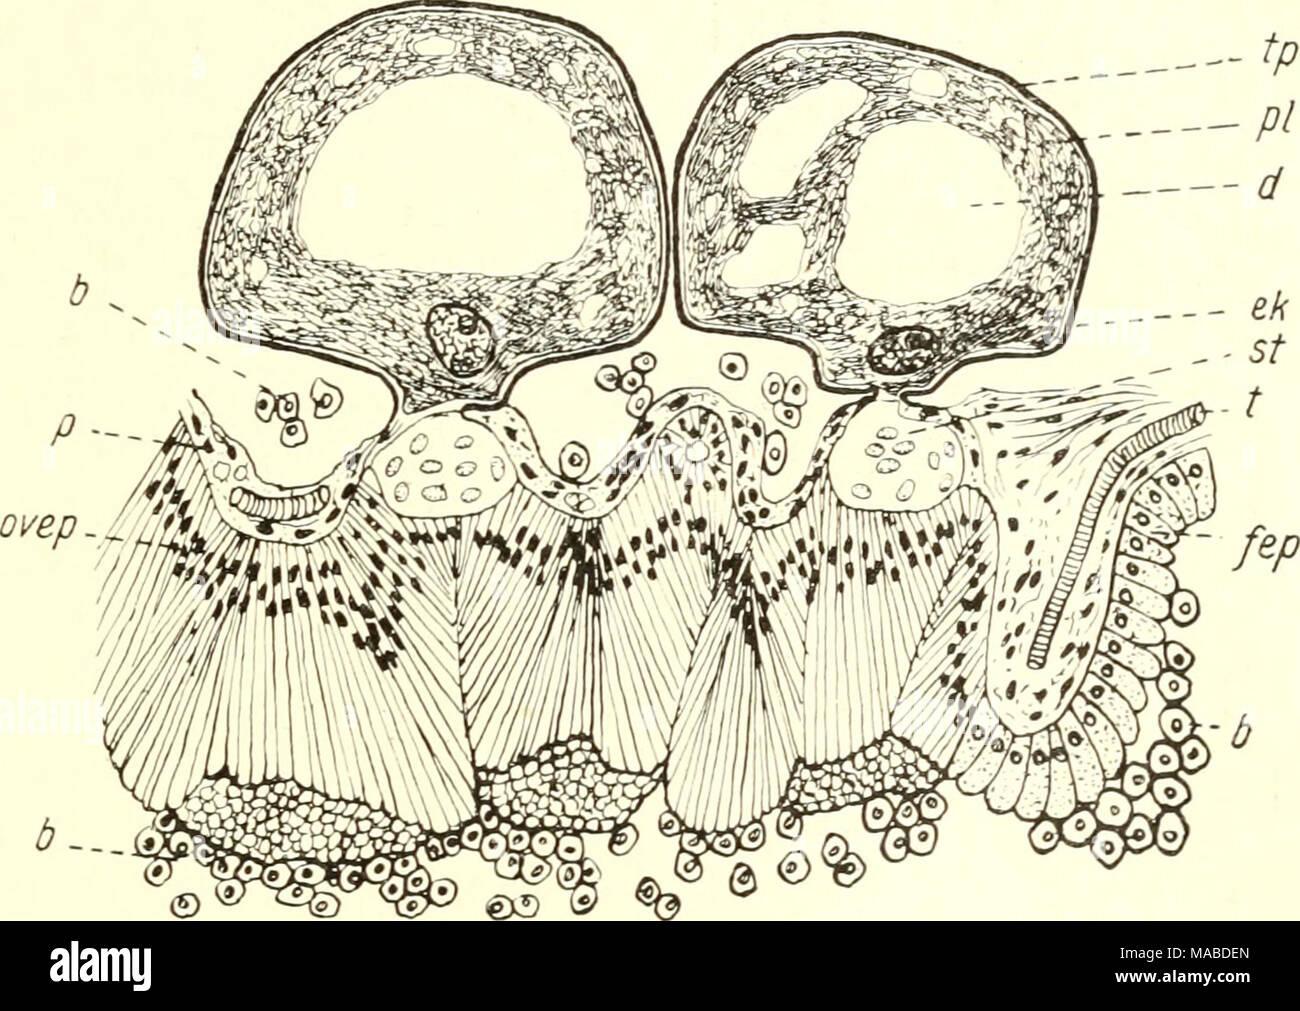 Beste Bild Von Ovar Galerie - Menschliche Anatomie Bilder ...